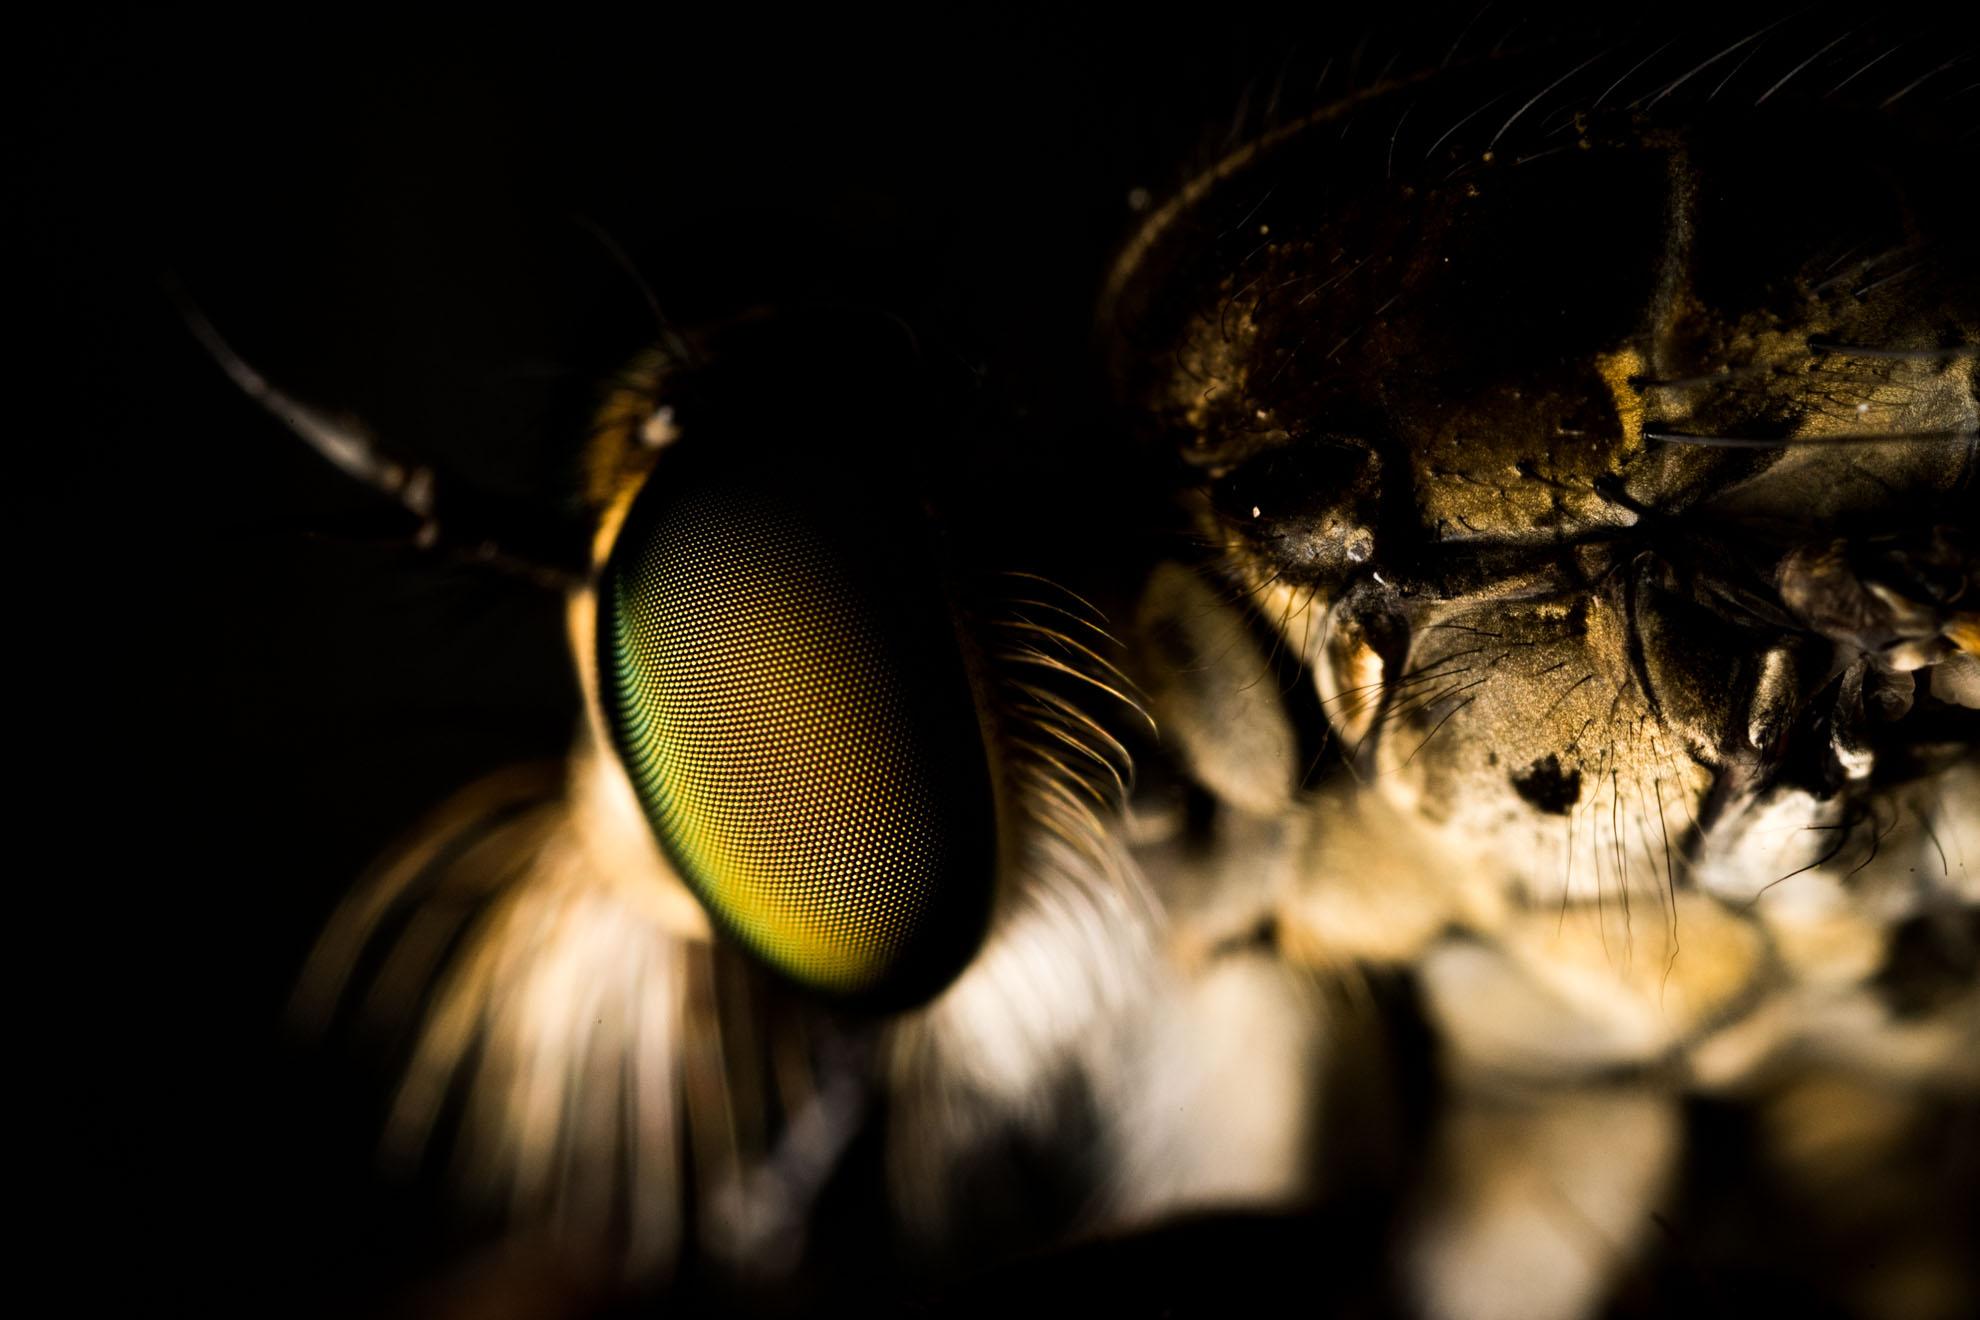 マガリケムシヒキの頭部